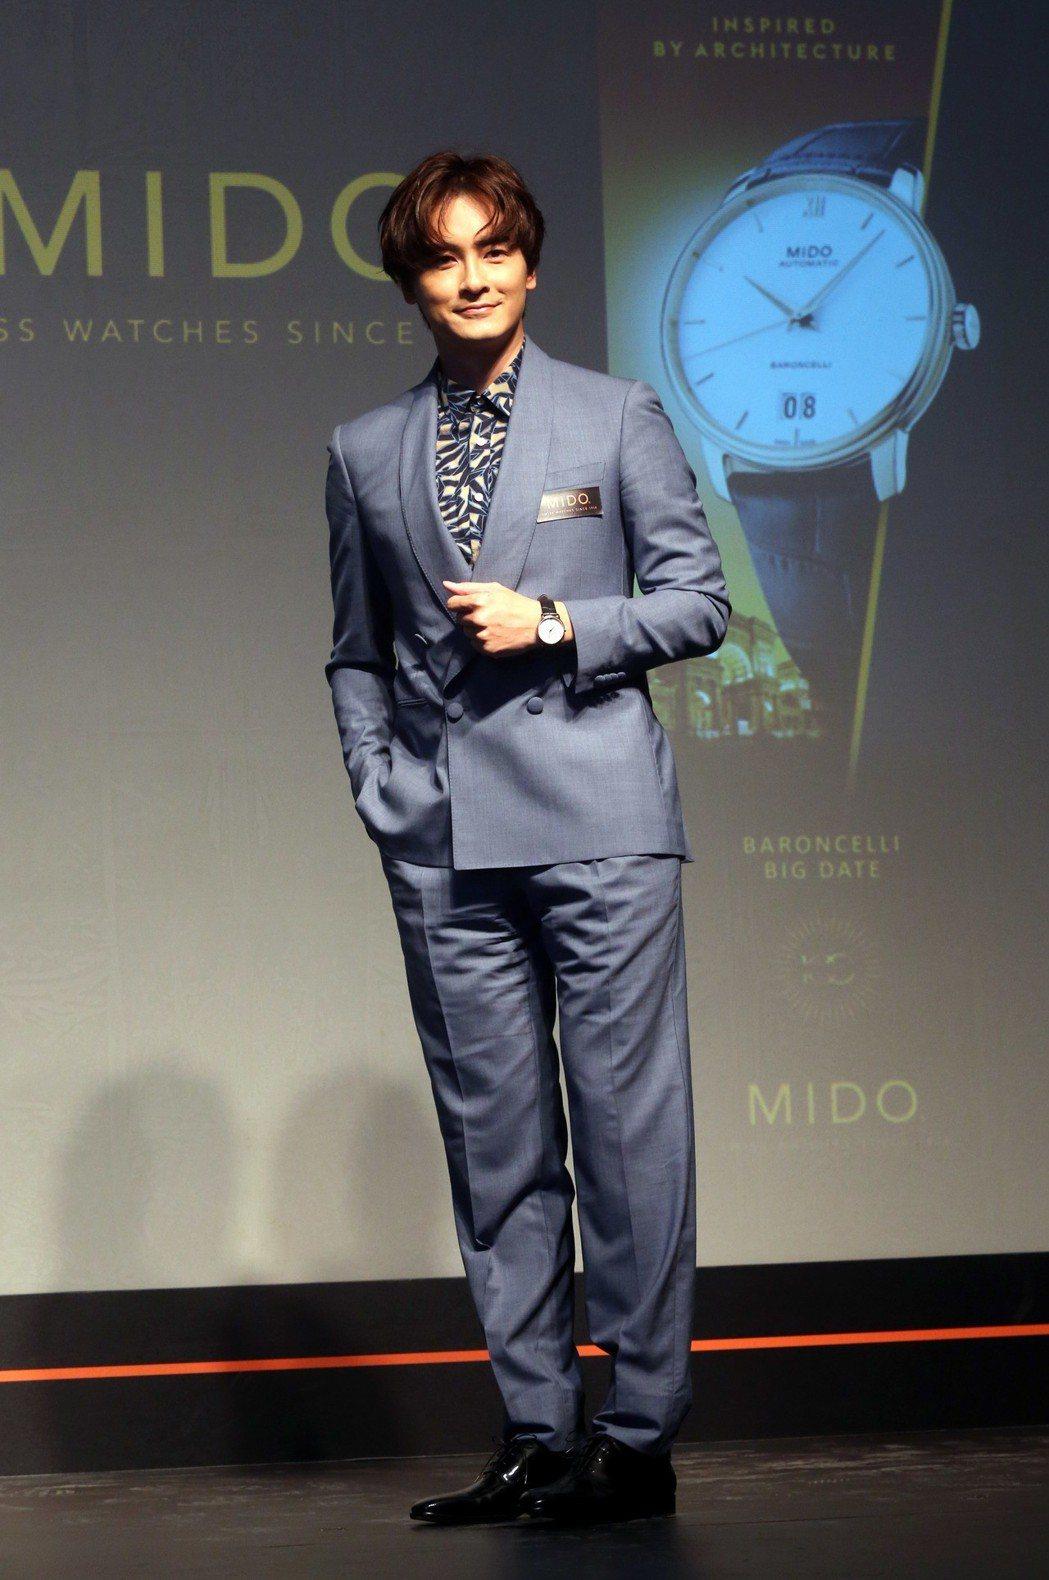 國民男神鄭元暢回歸為手錶品牌代言,見證MIDO百年風華。記者邱德祥/攝影